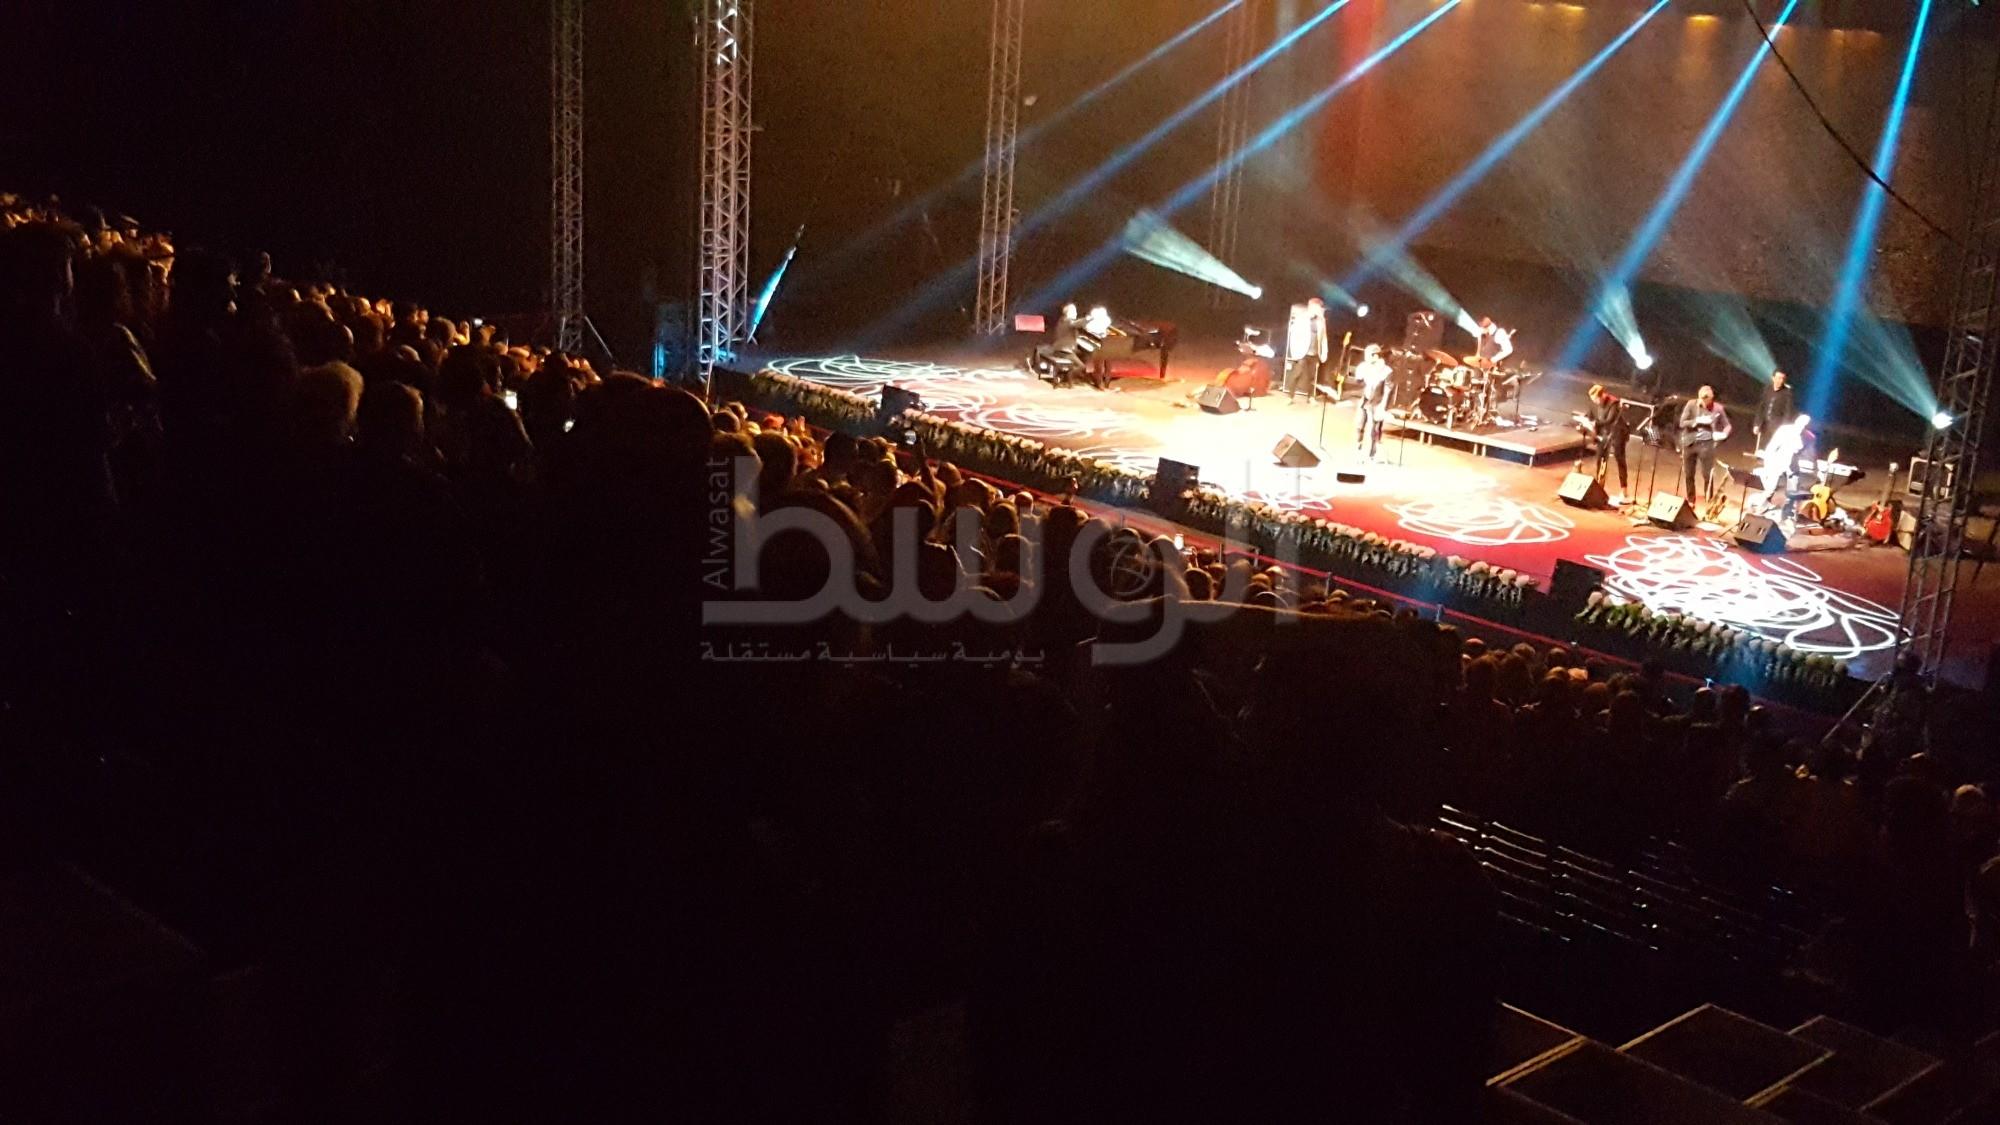 تفاعل الجمهور مع عمر كمال في ربيع الثقافة بخليج البحرين